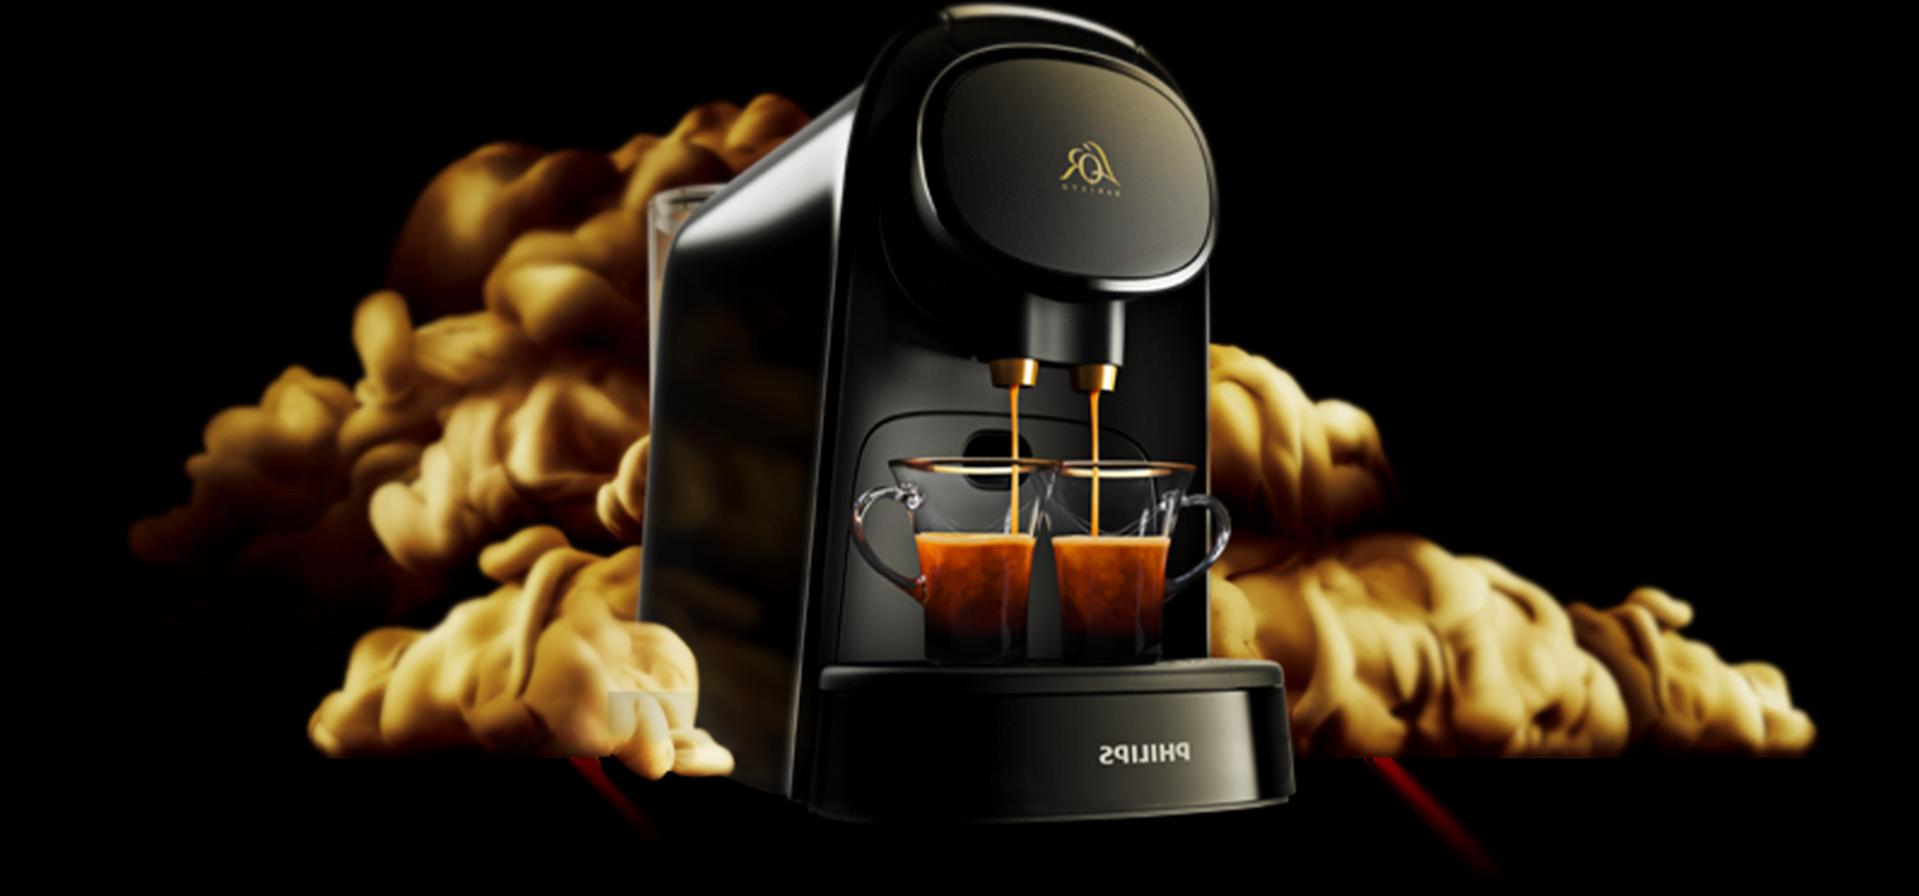 Comment utiliser une machine à café?